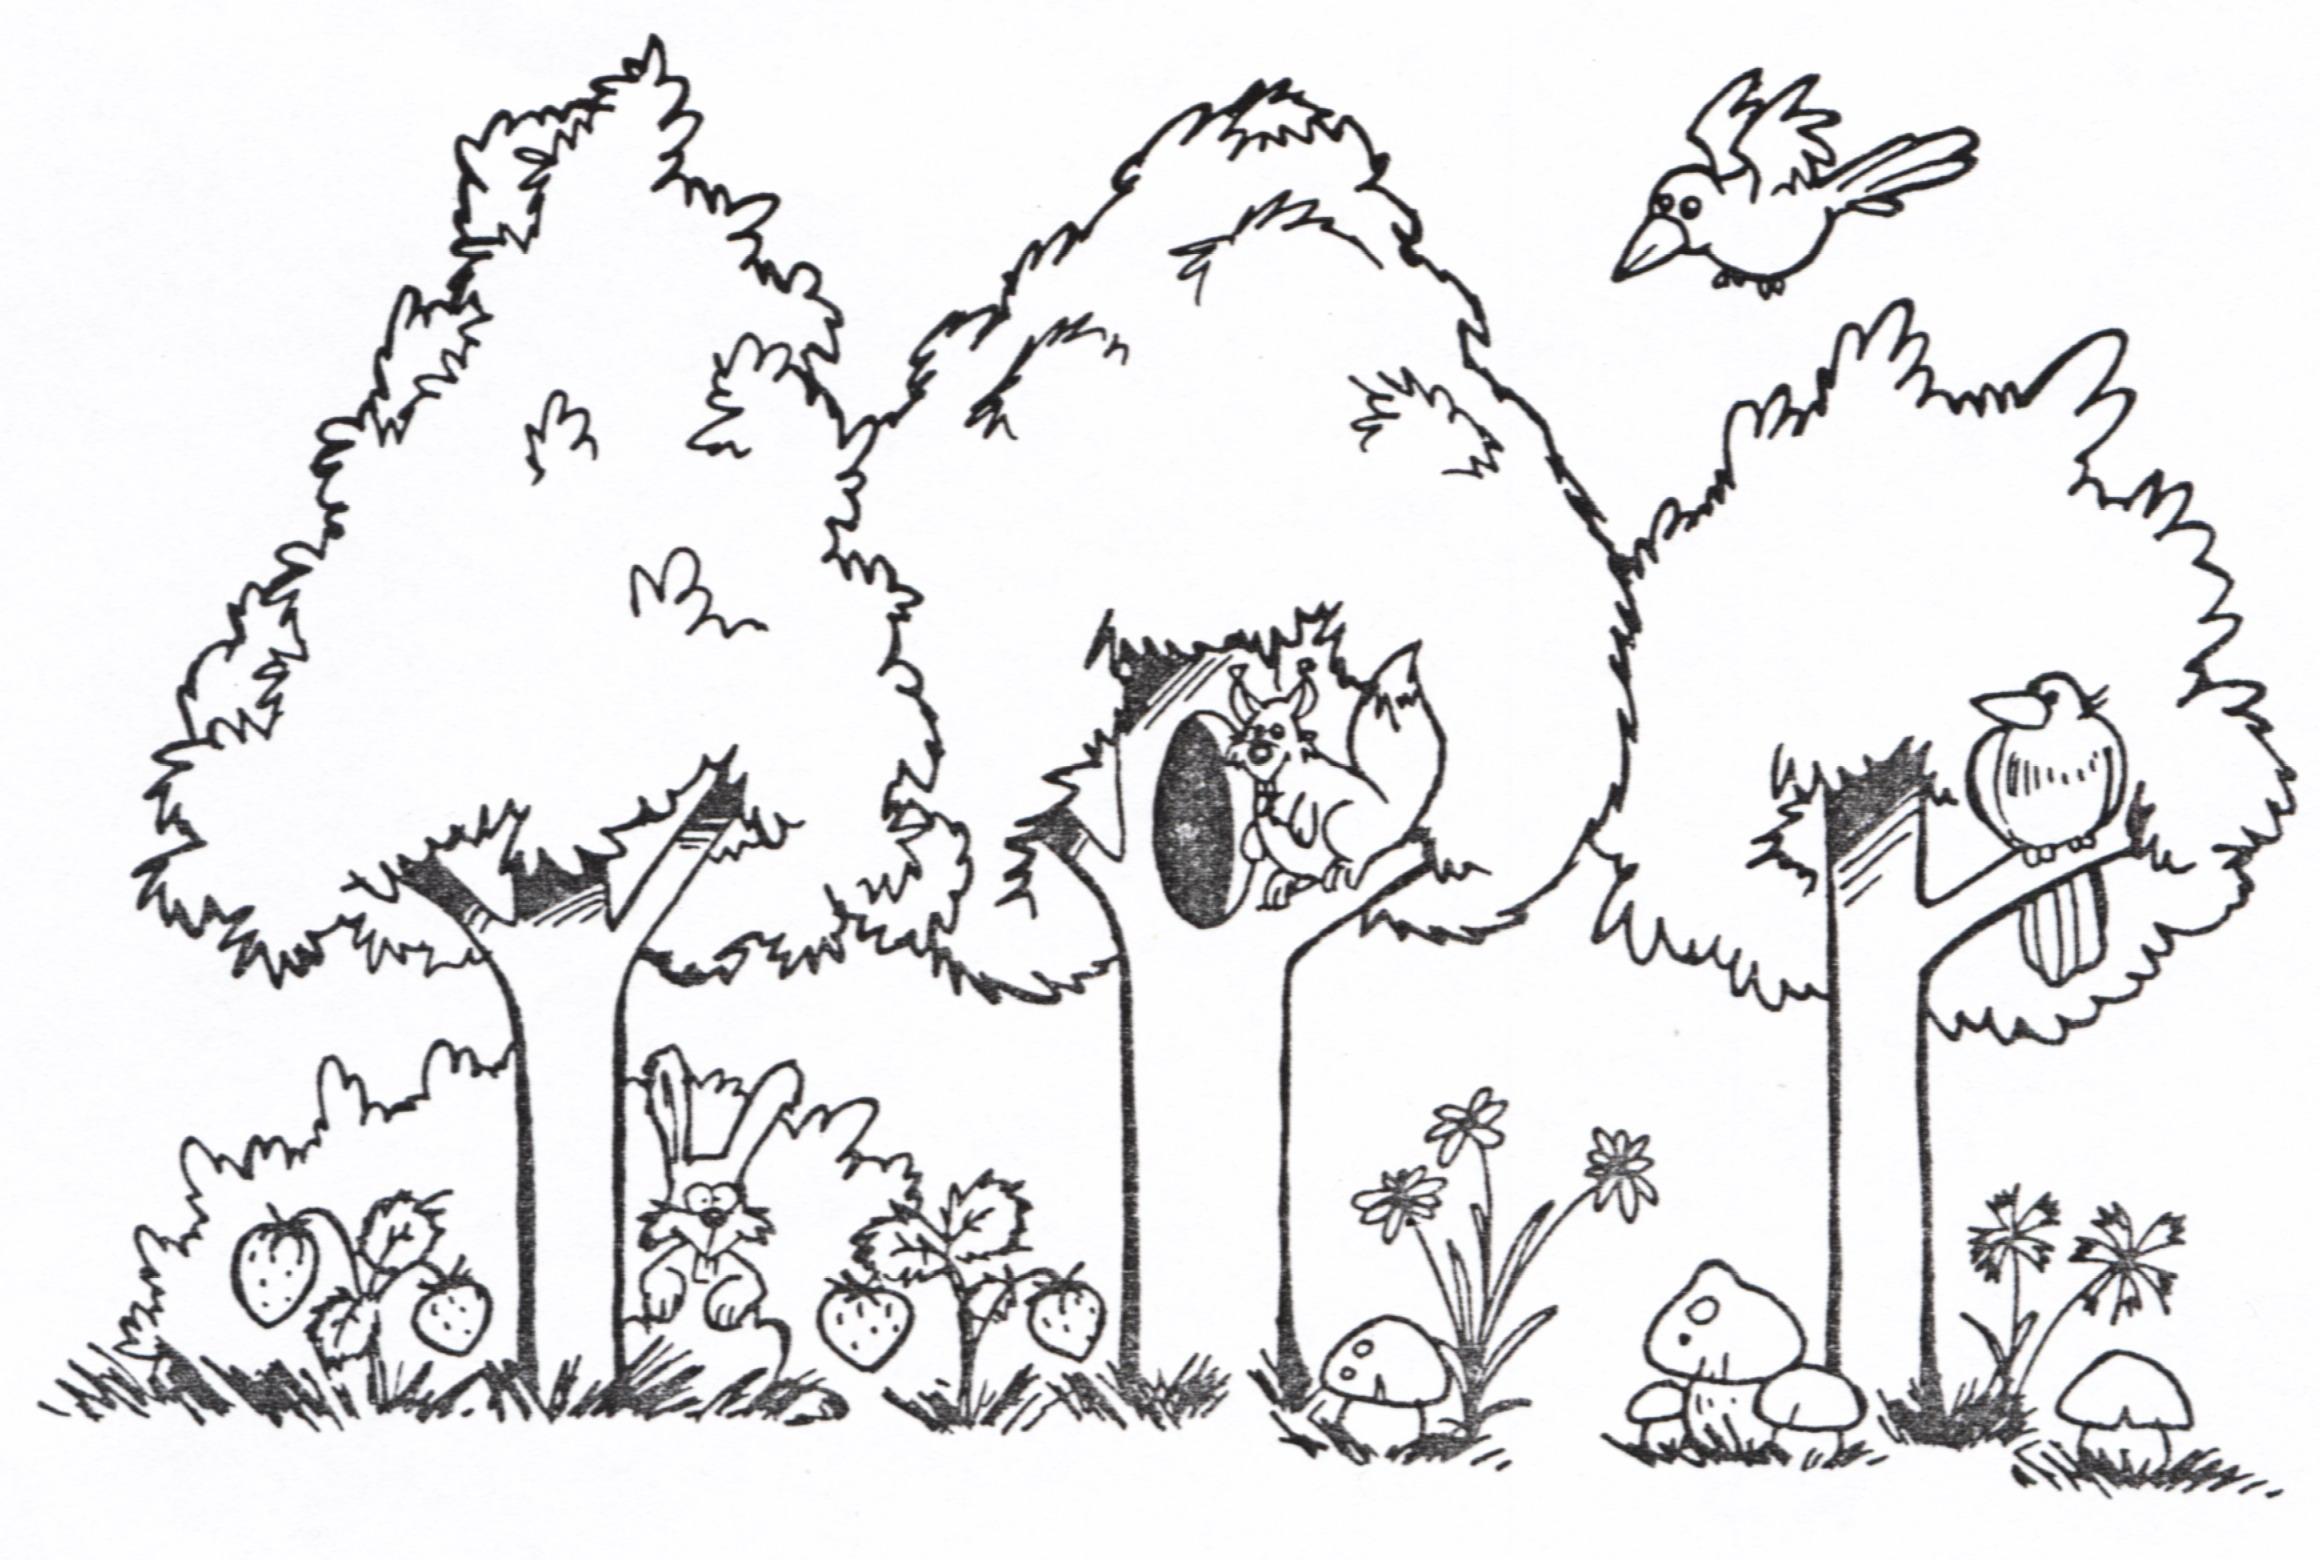 можете ознакомиться картинки раскраски лесных деревьев сознательно переводила